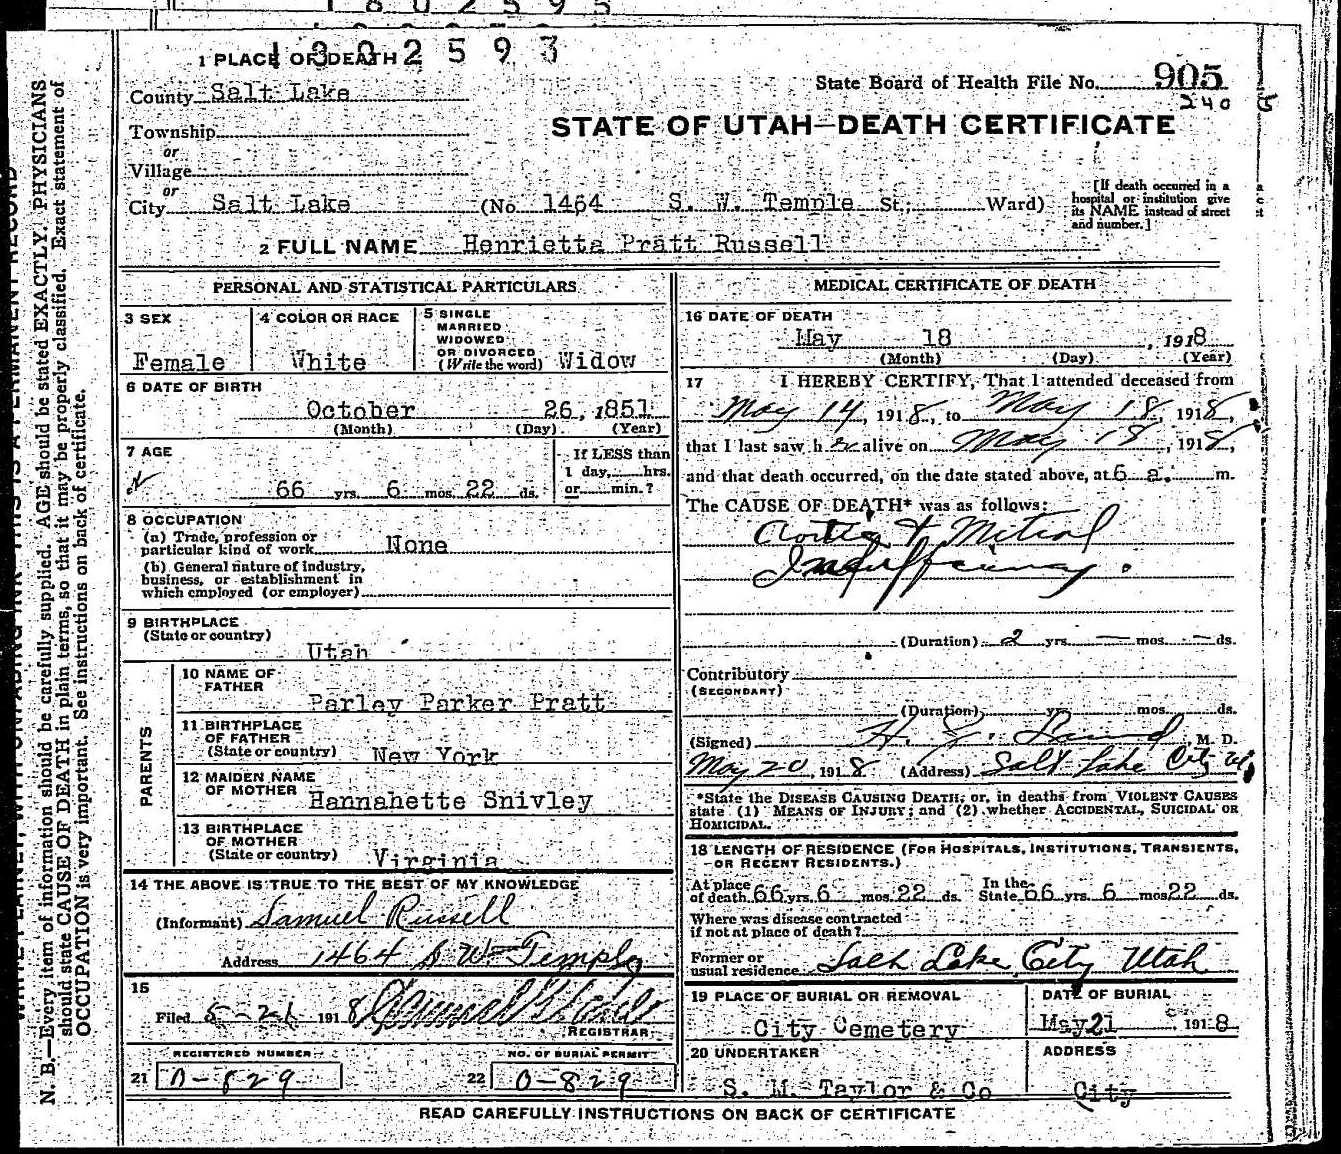 Henrietta Pratt Russell Death Certificate